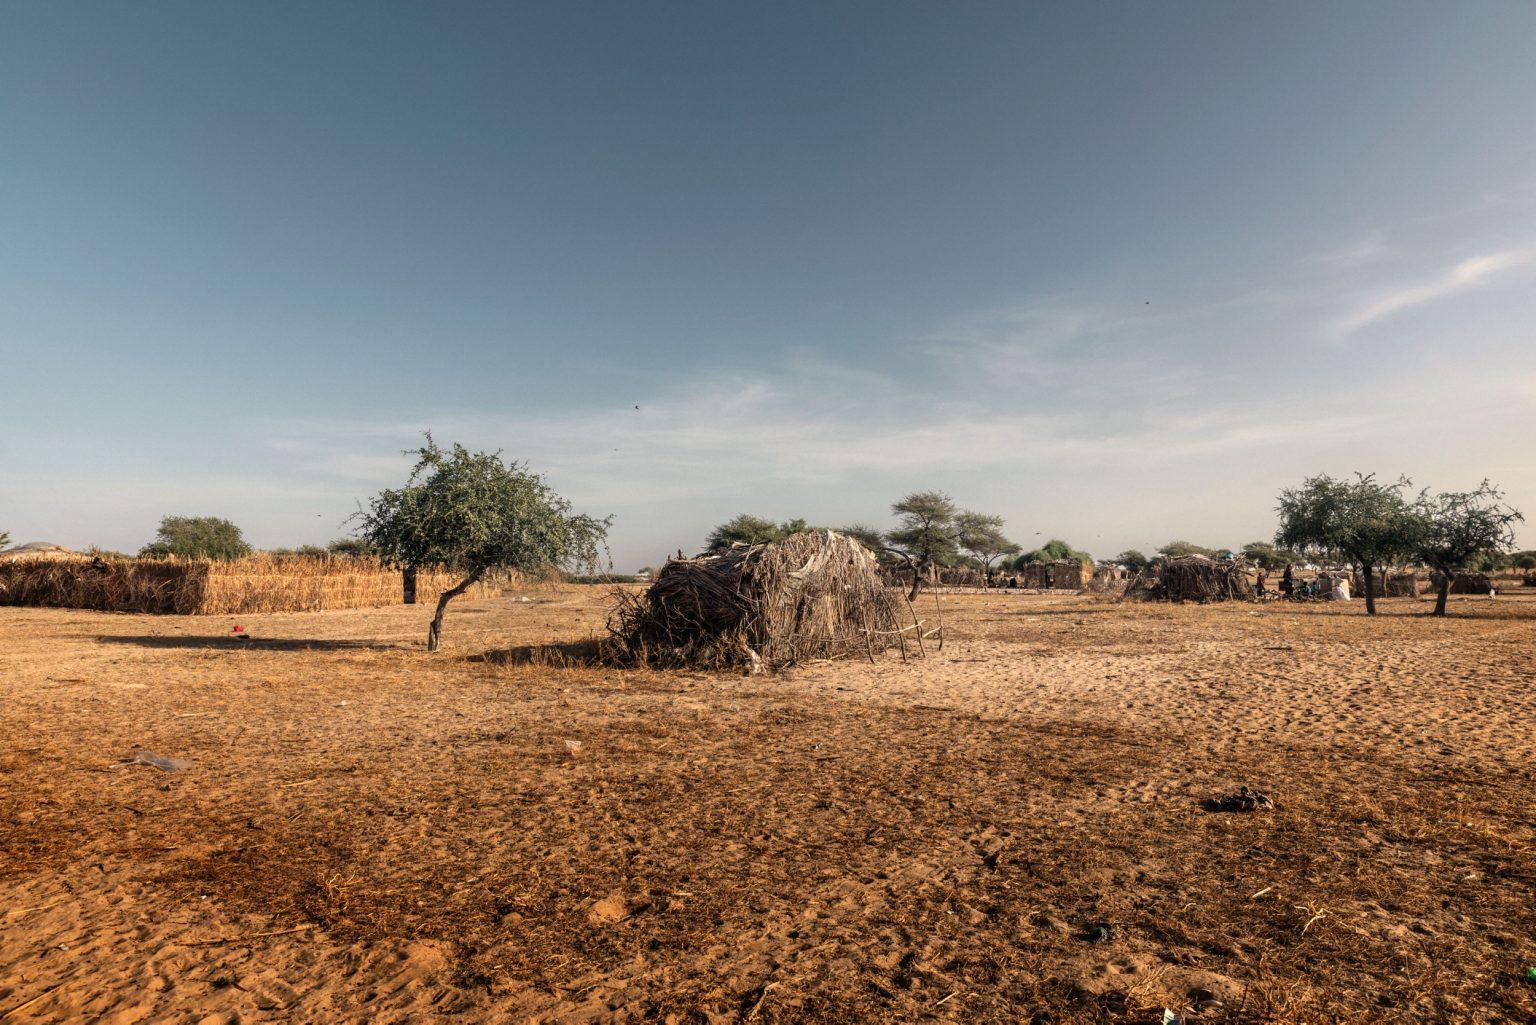 Africa, Chad, October 2018 - The island of Yiga, one of the places where the process of desertification is most evident. The refugees who live there are forced to drink the non-potable water of the lake. >< Africa, Ciad, Ottobre 2018 - L'isola di Yiga, uno dei posti dove il processo di desertificazione è più evidente. I rifugiati che vivono lì sono costretti a bere l'acqua non potabile del lago.*** SPECIAL   FEE   APPLIES *** *** Local Caption *** 01362895